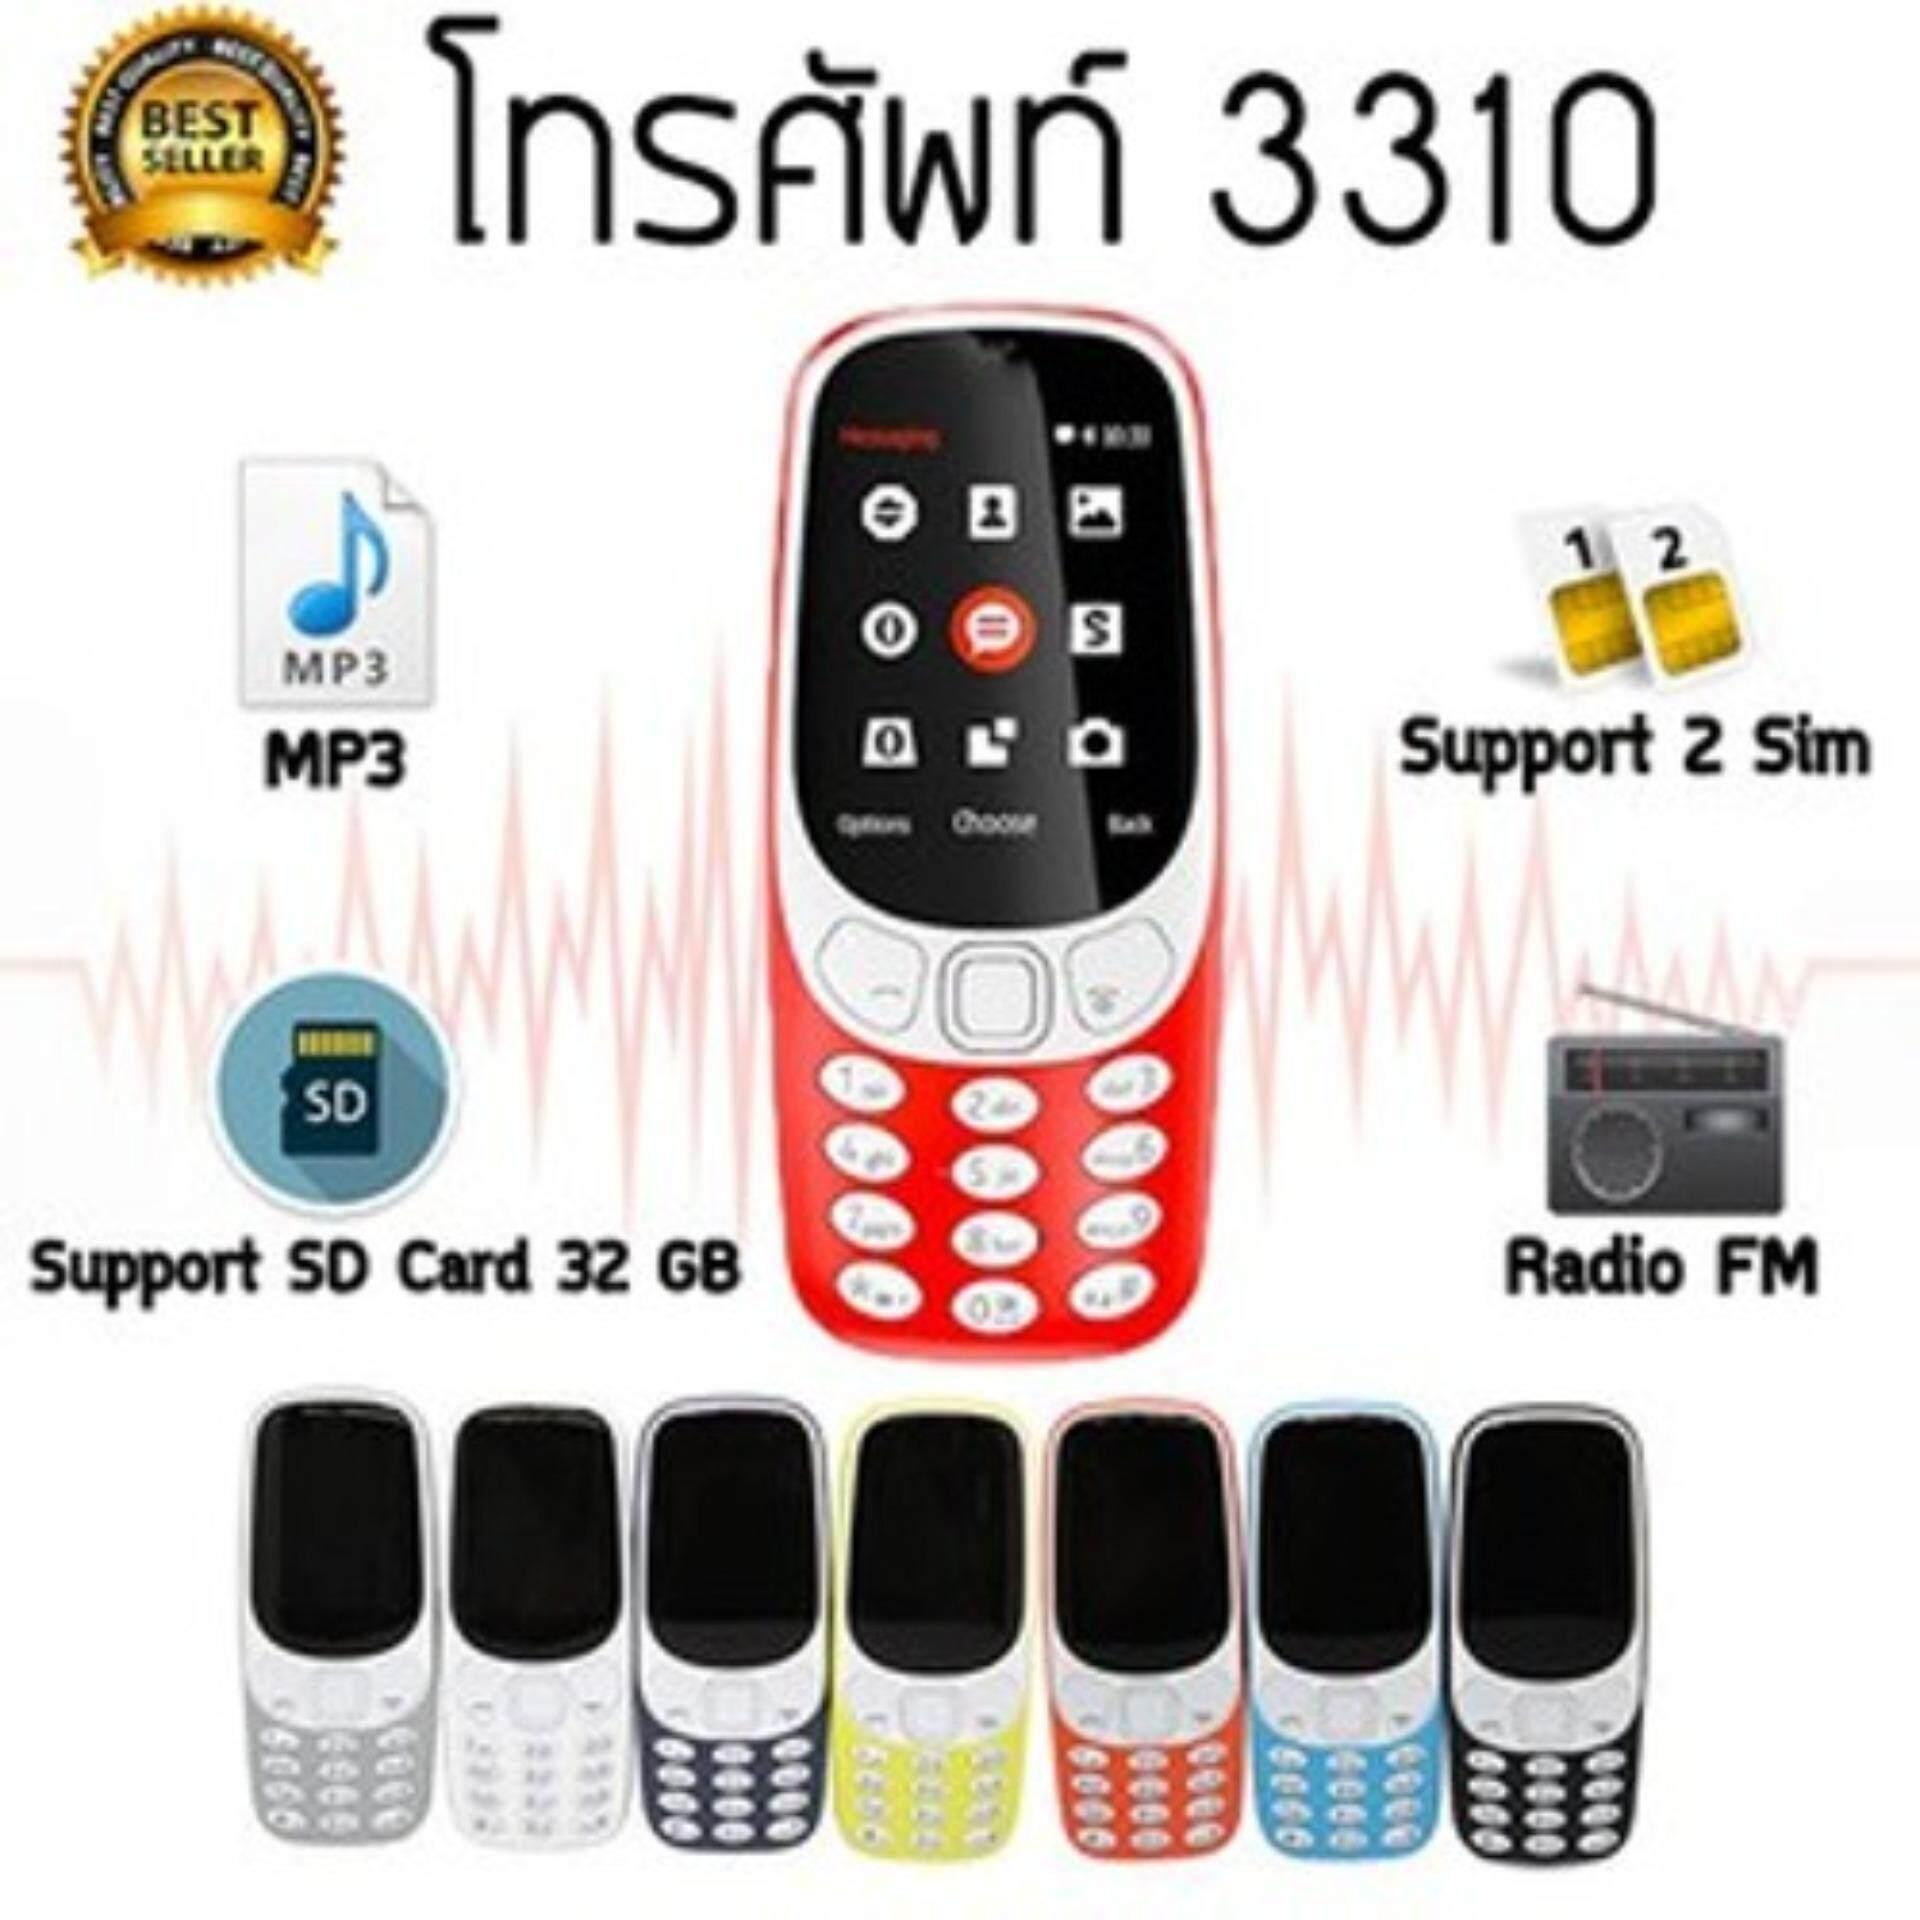 โทรศัพท์มือถือรุ่น3310จอ2.4 นิ้วเมนูไทยรองรับการเล่น Facebook,Internet